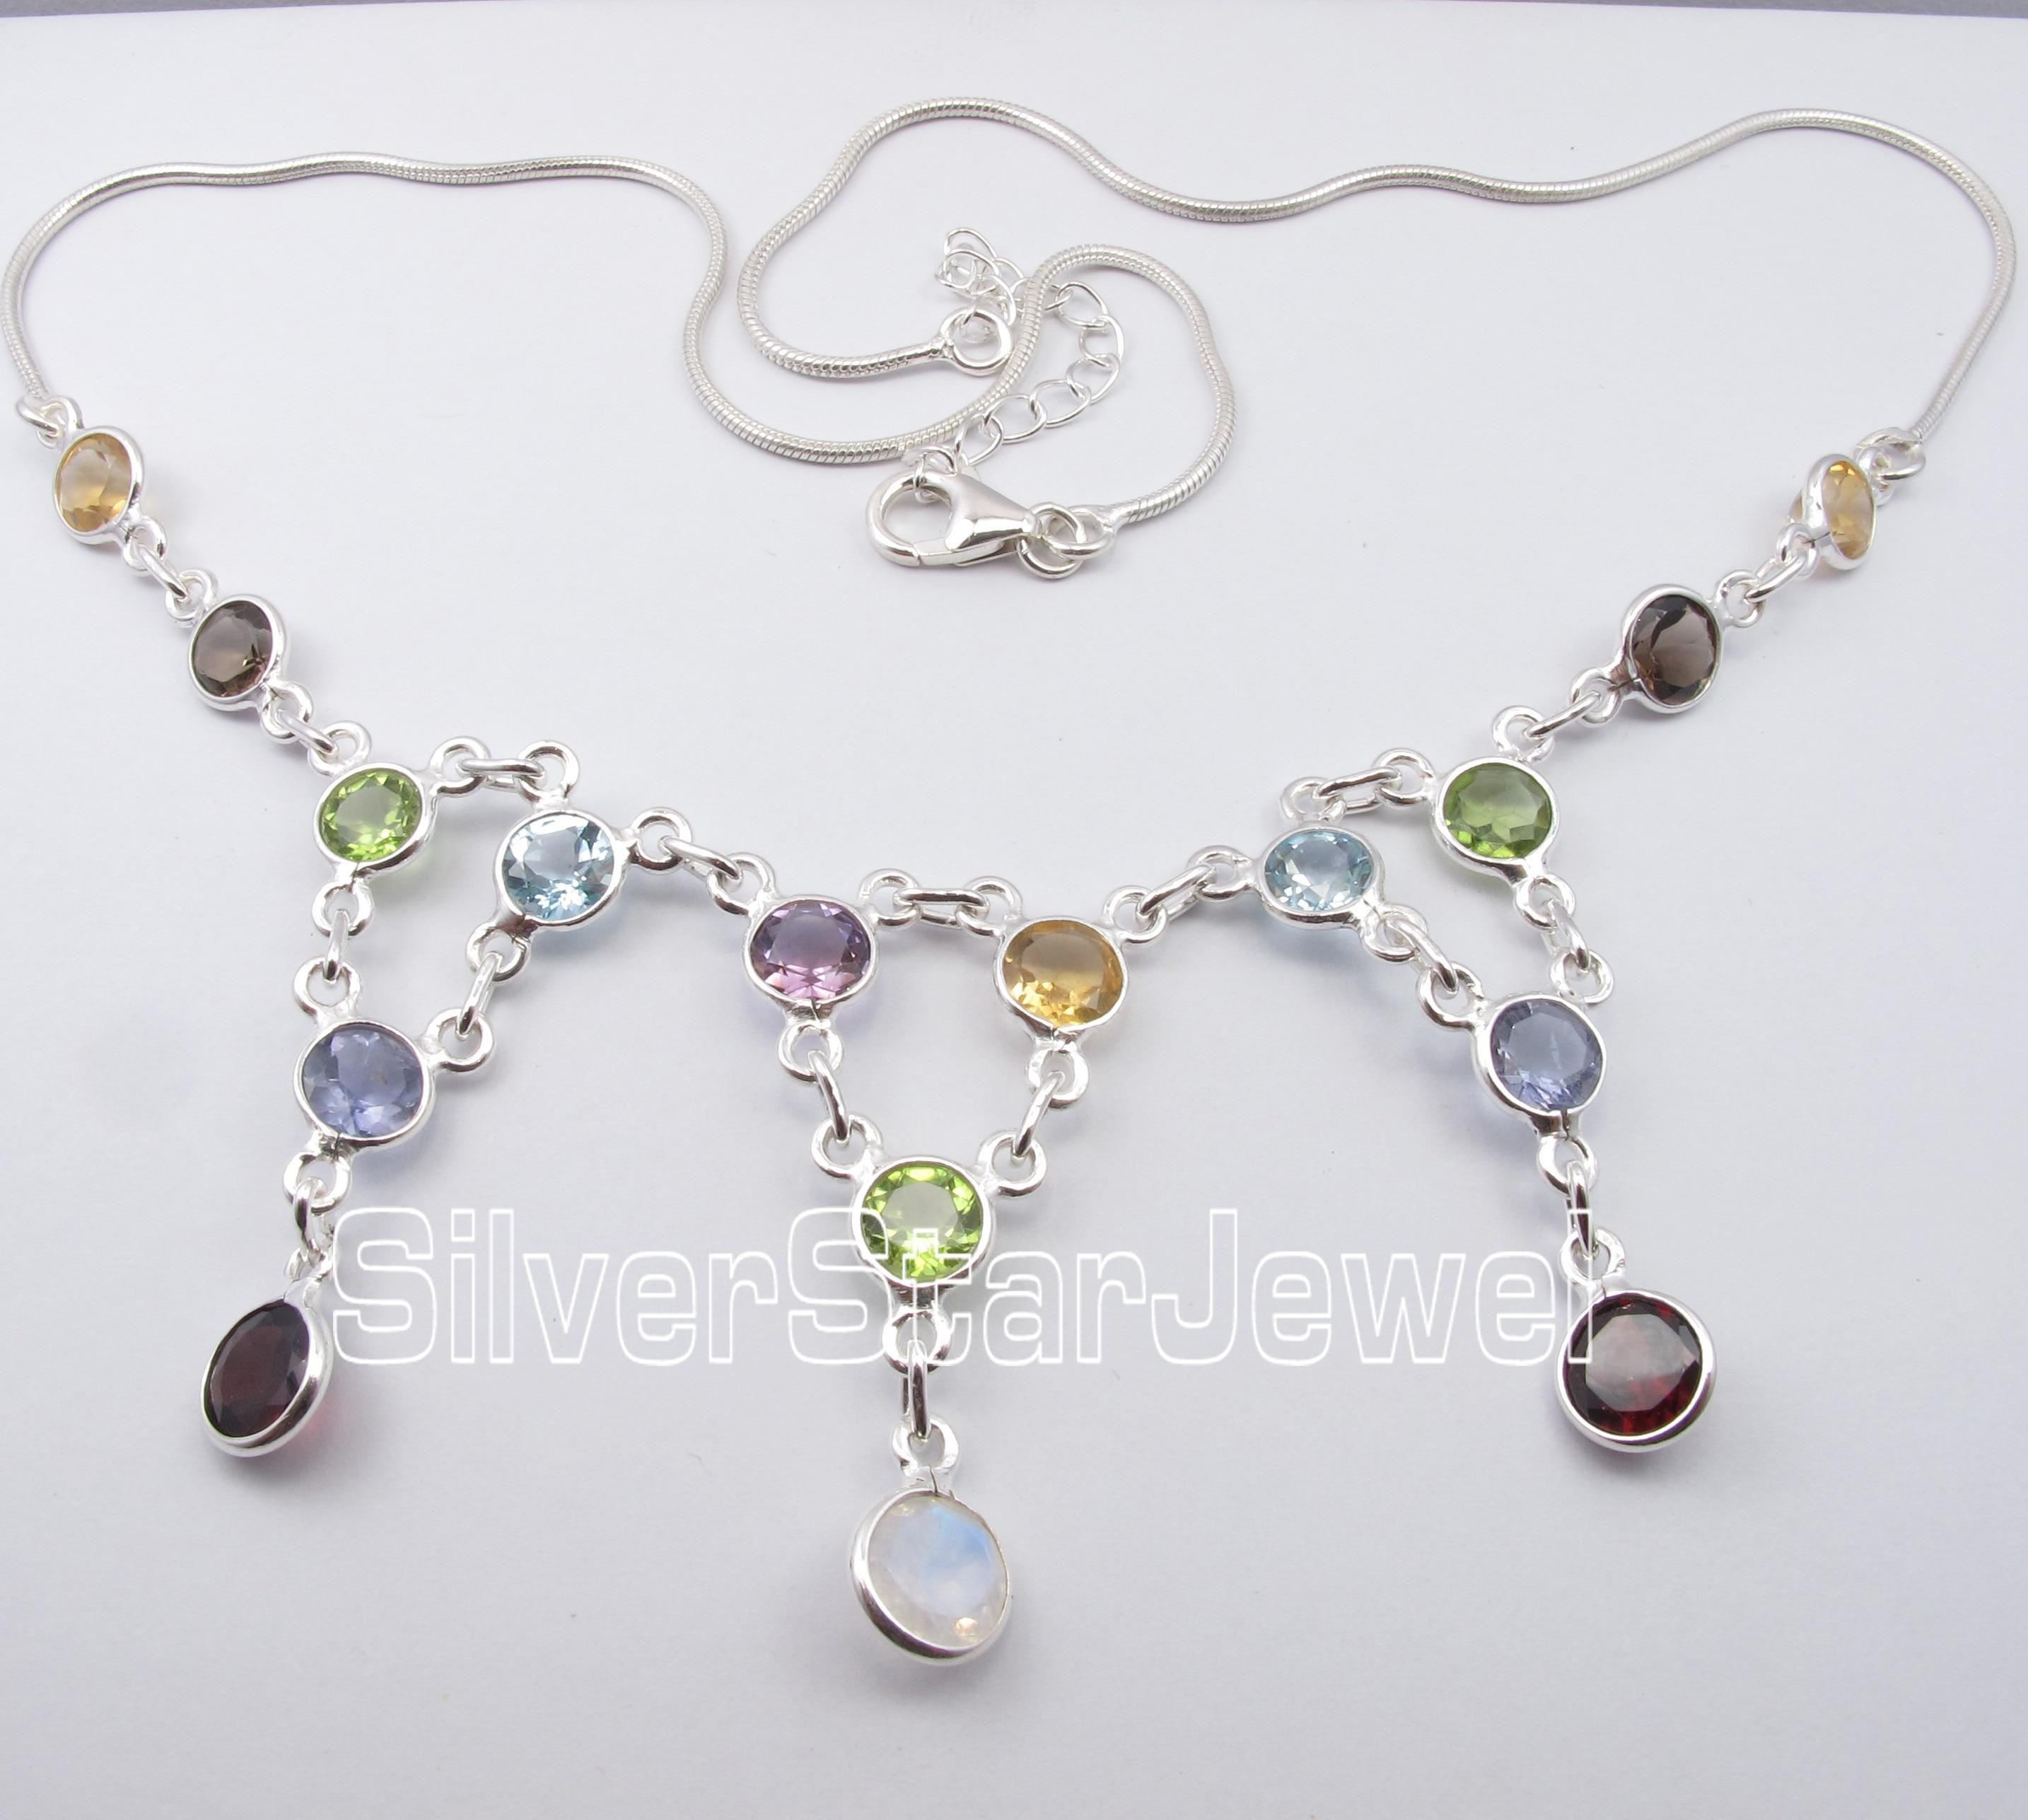 Chanti международных чистого серебра multistones змея цепи свадьбы, праздничная одежда Цепочки и ожерелья 49.3 см новые